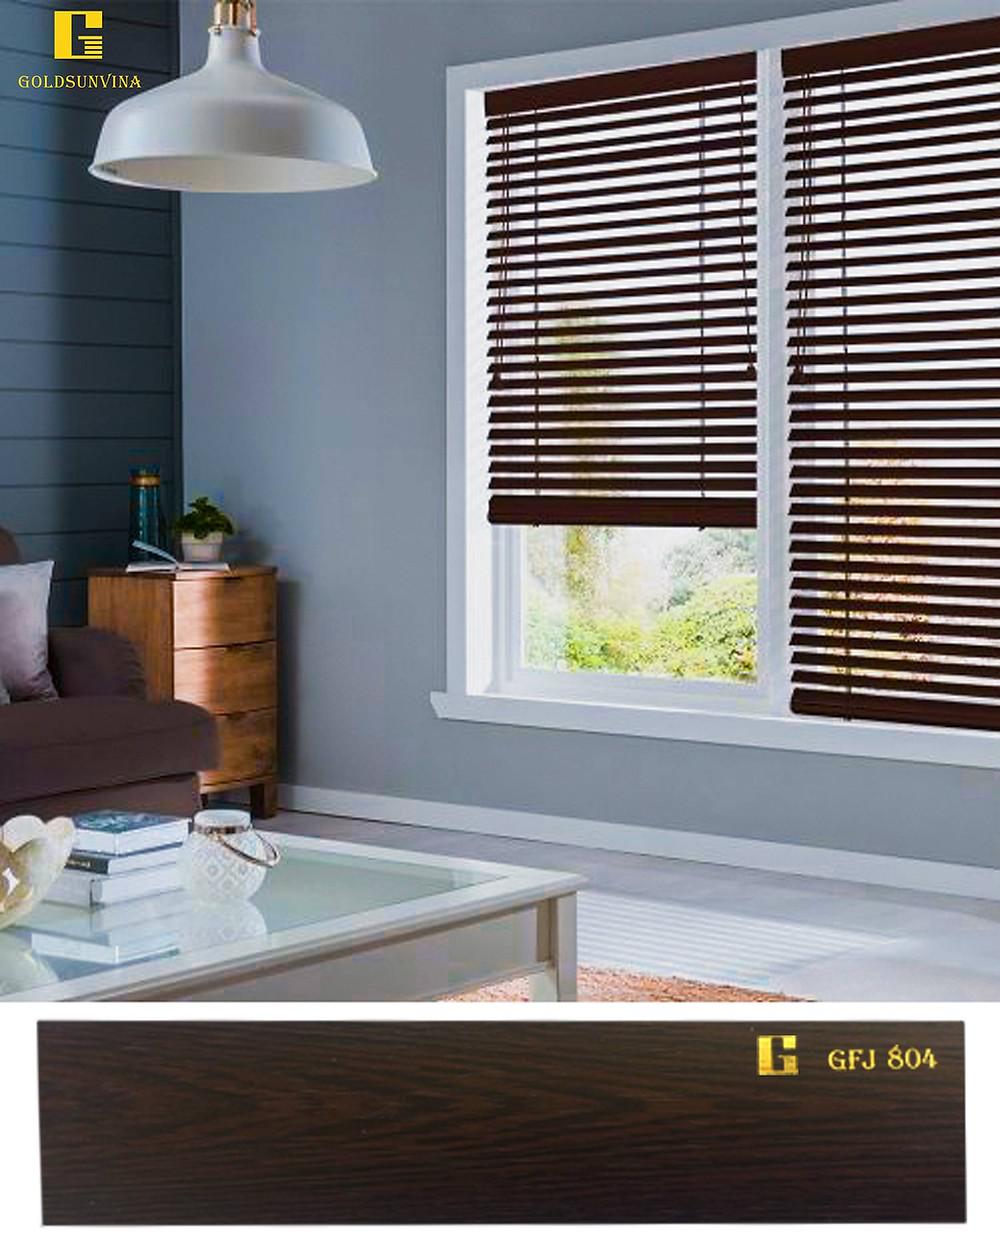 rèm gỗ laminate goldsunvina GFJ804